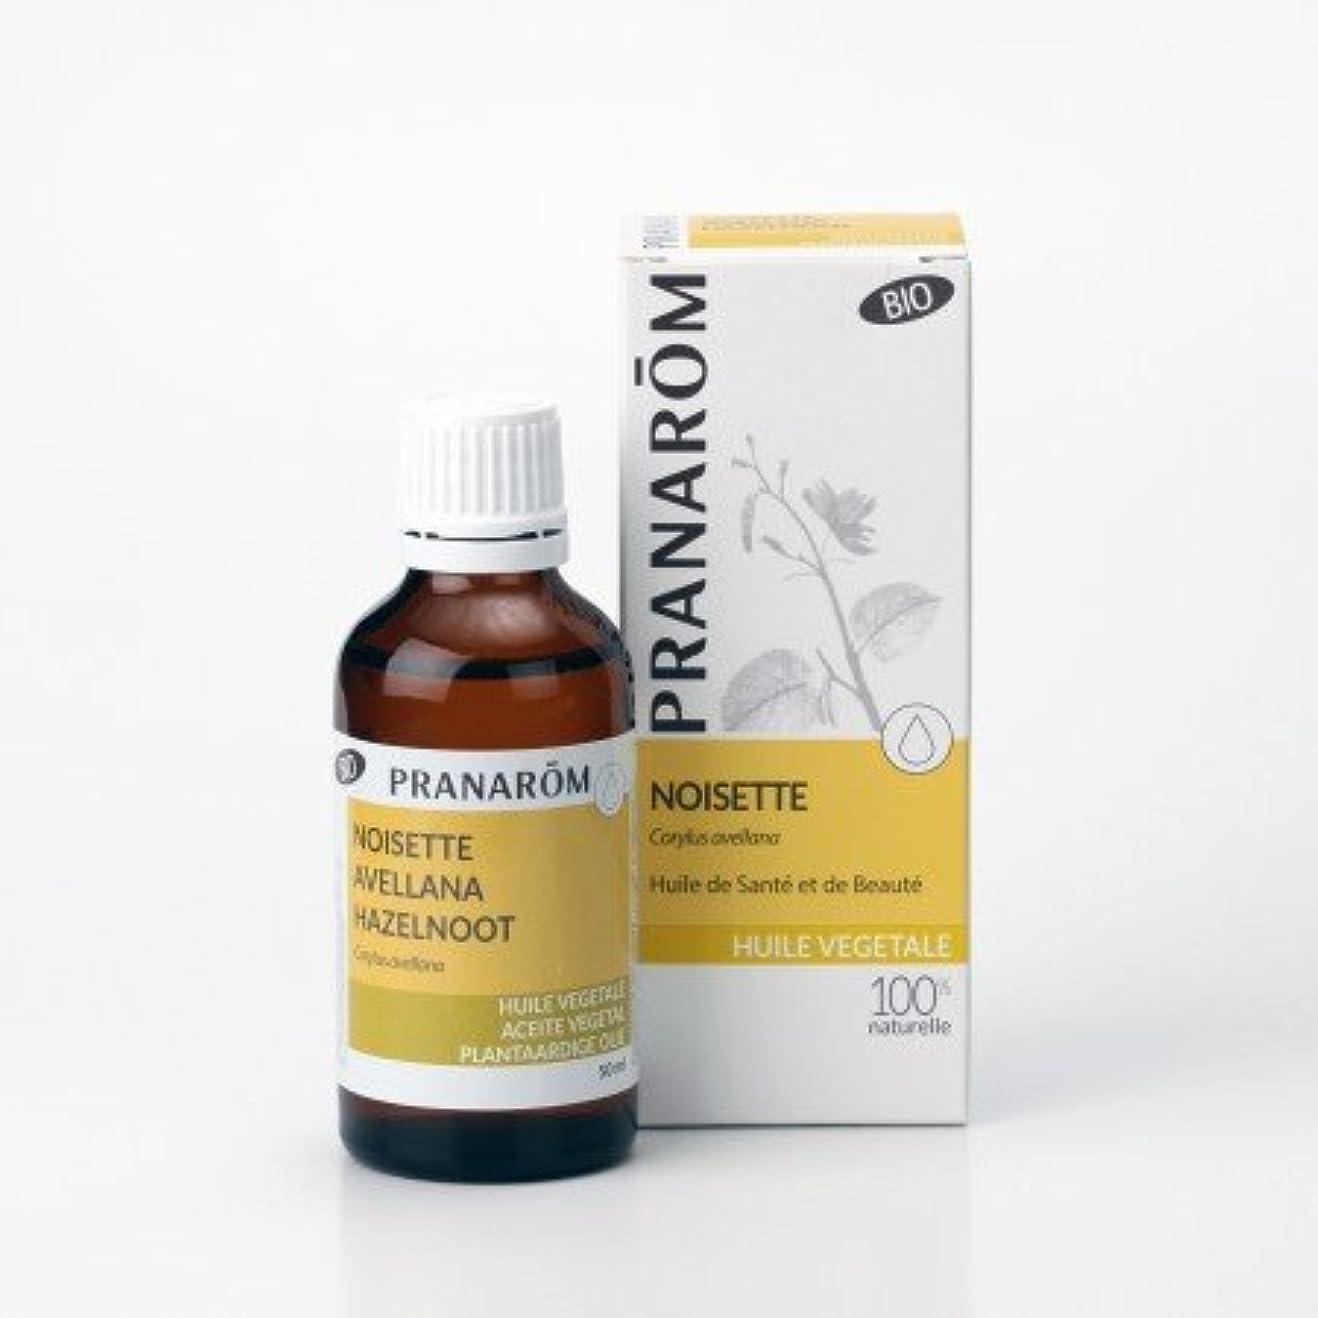 独立した会計士同情的ヘーゼルナッツ油 50ml プラナロムの最高級植物油:キャリアオイル